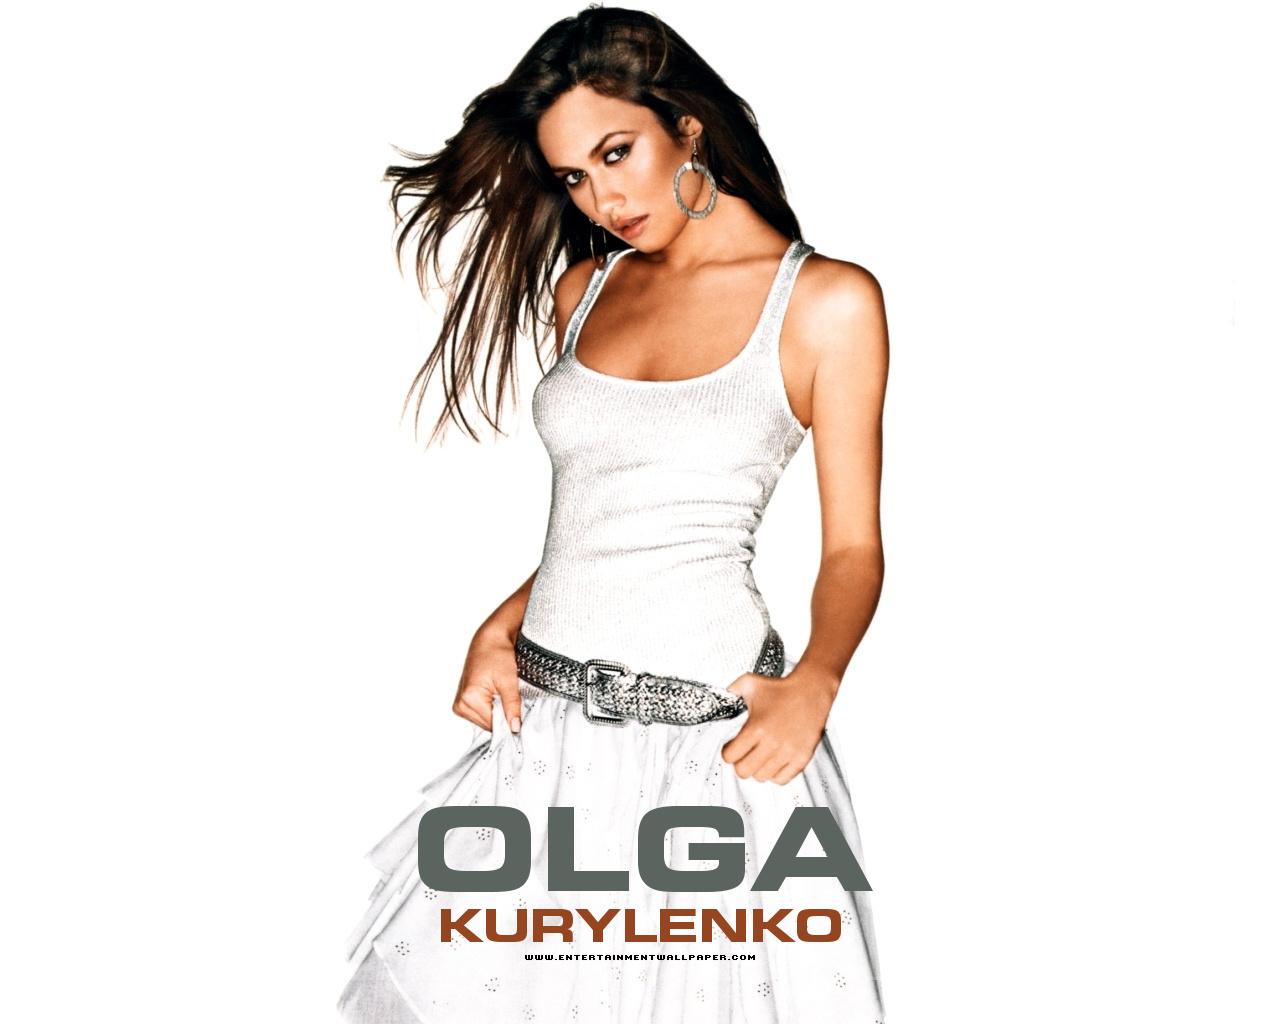 Olga Kurylenko Wallpapers